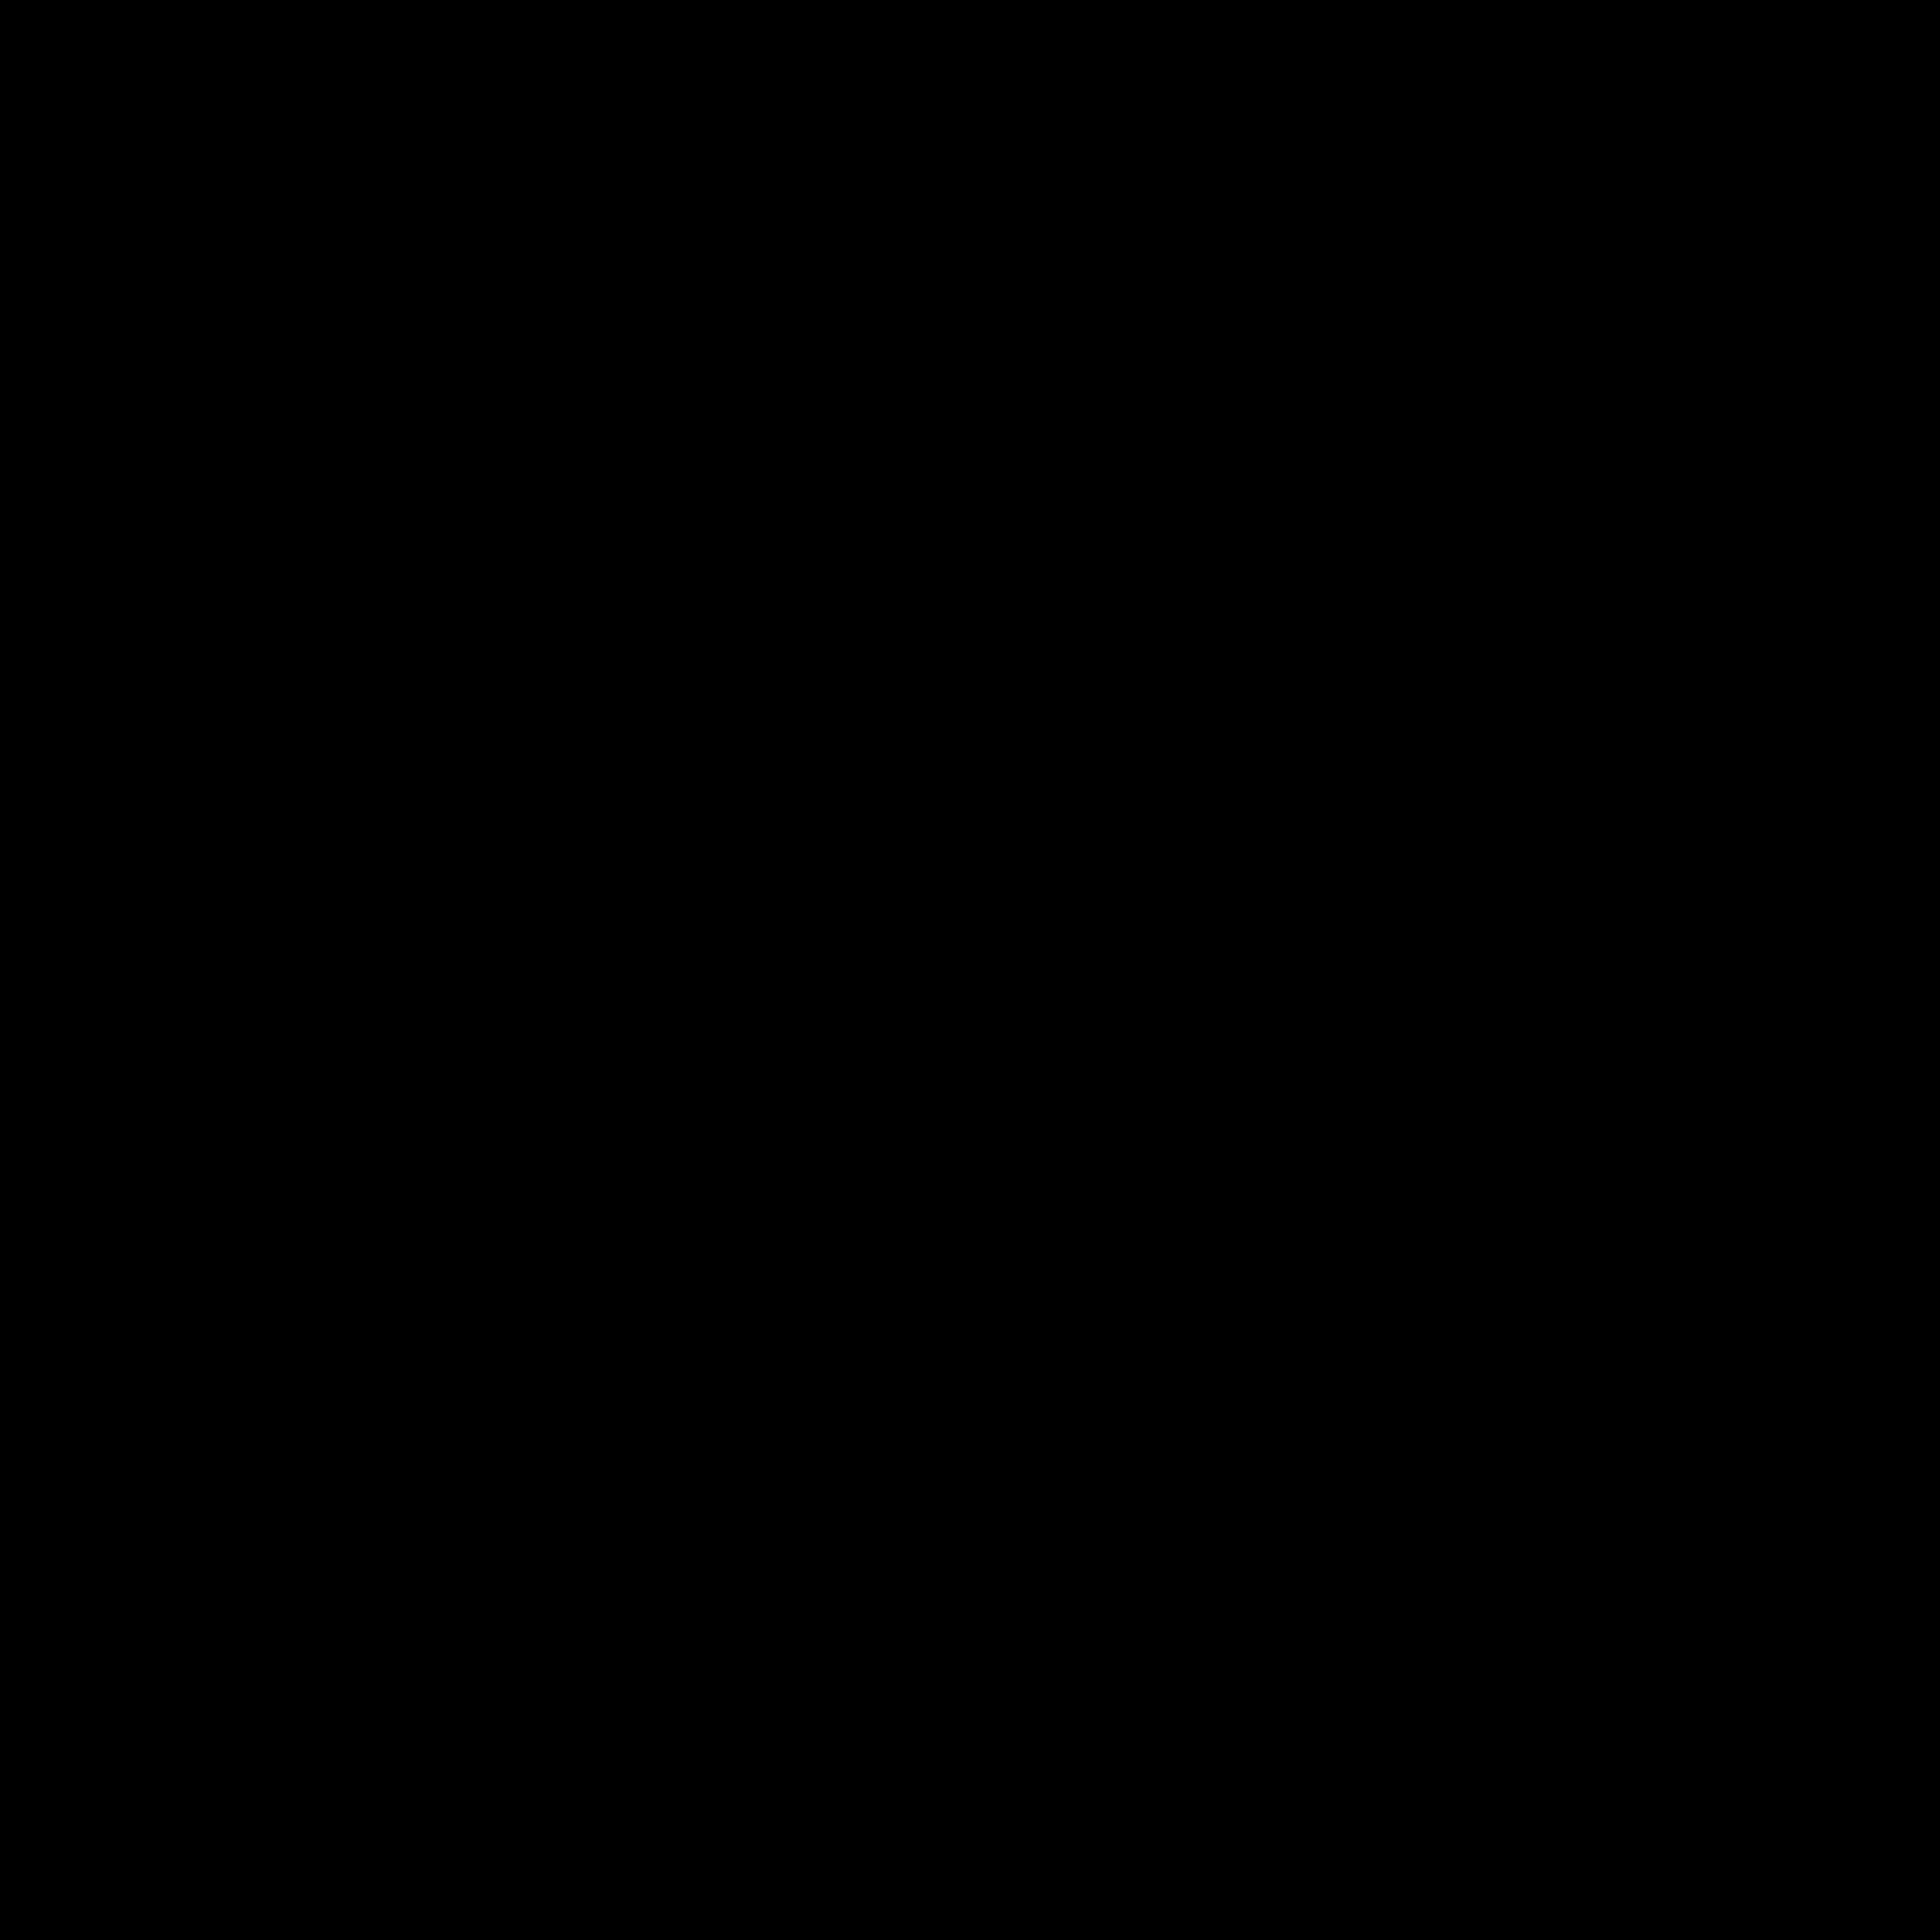 Top shop logo clipart vector transparent TopShop Logo PNG Transparent & SVG Vector - Freebie Supply vector transparent